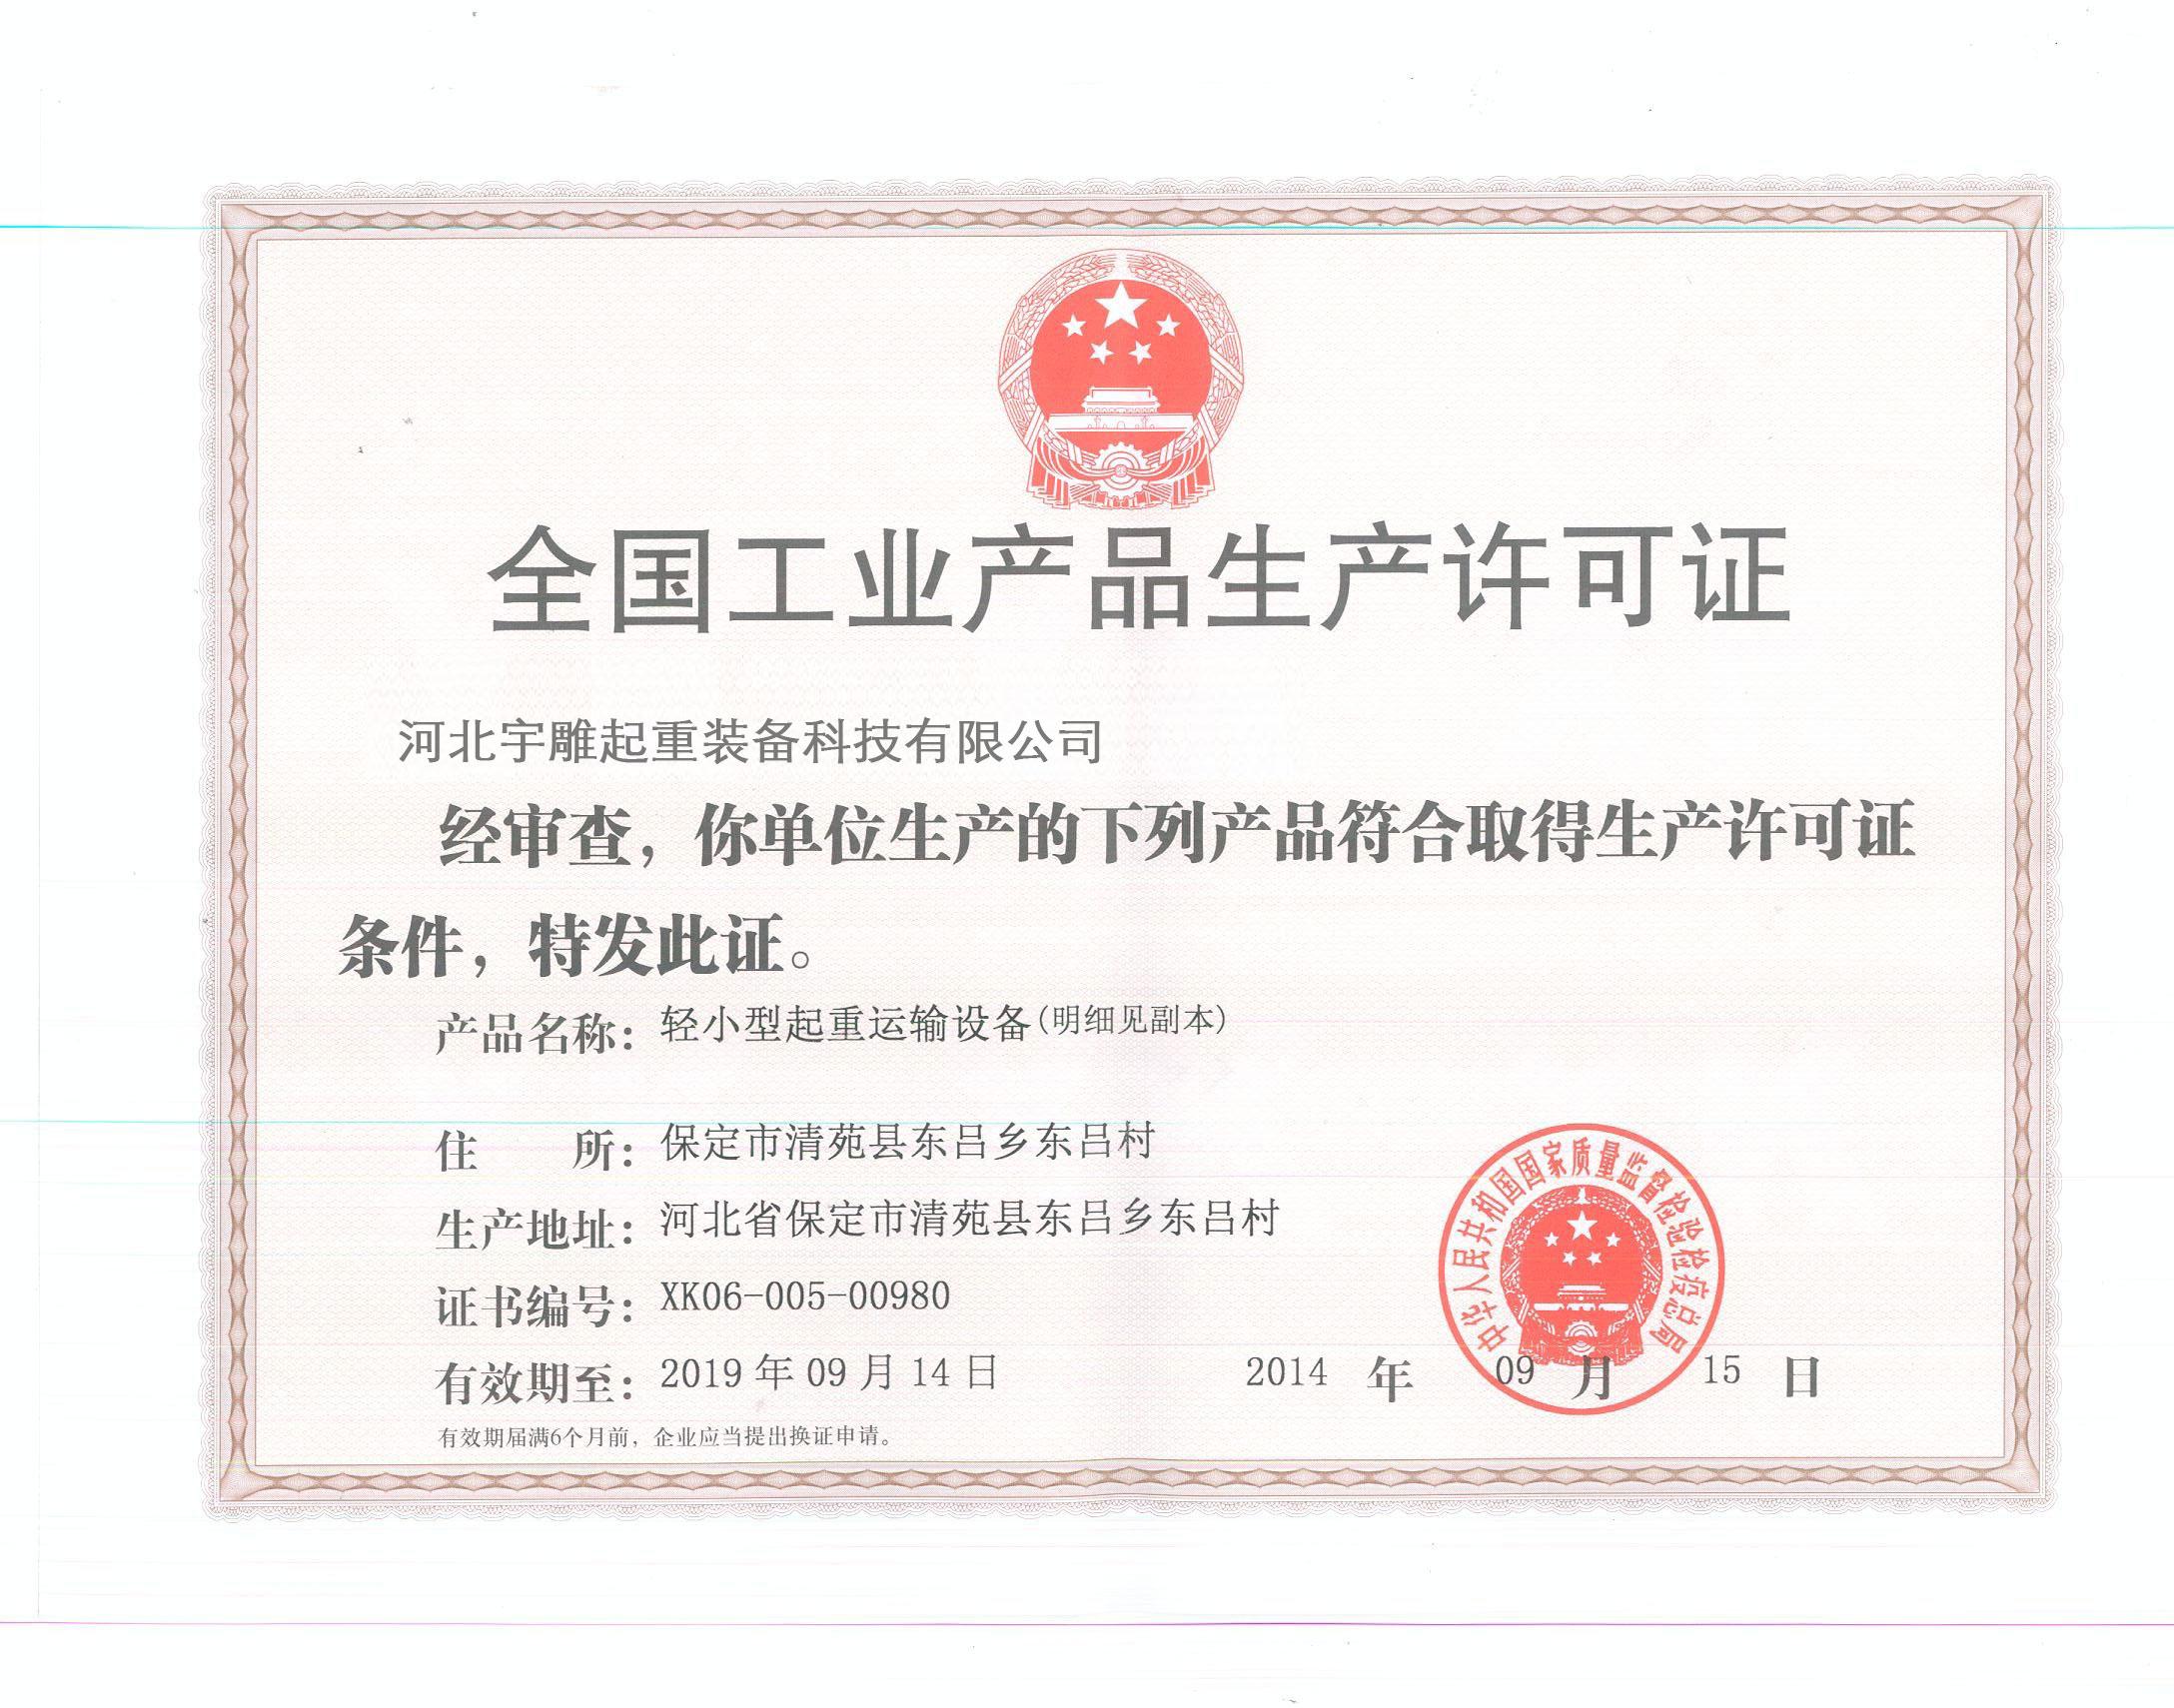 宇雕生产许可证